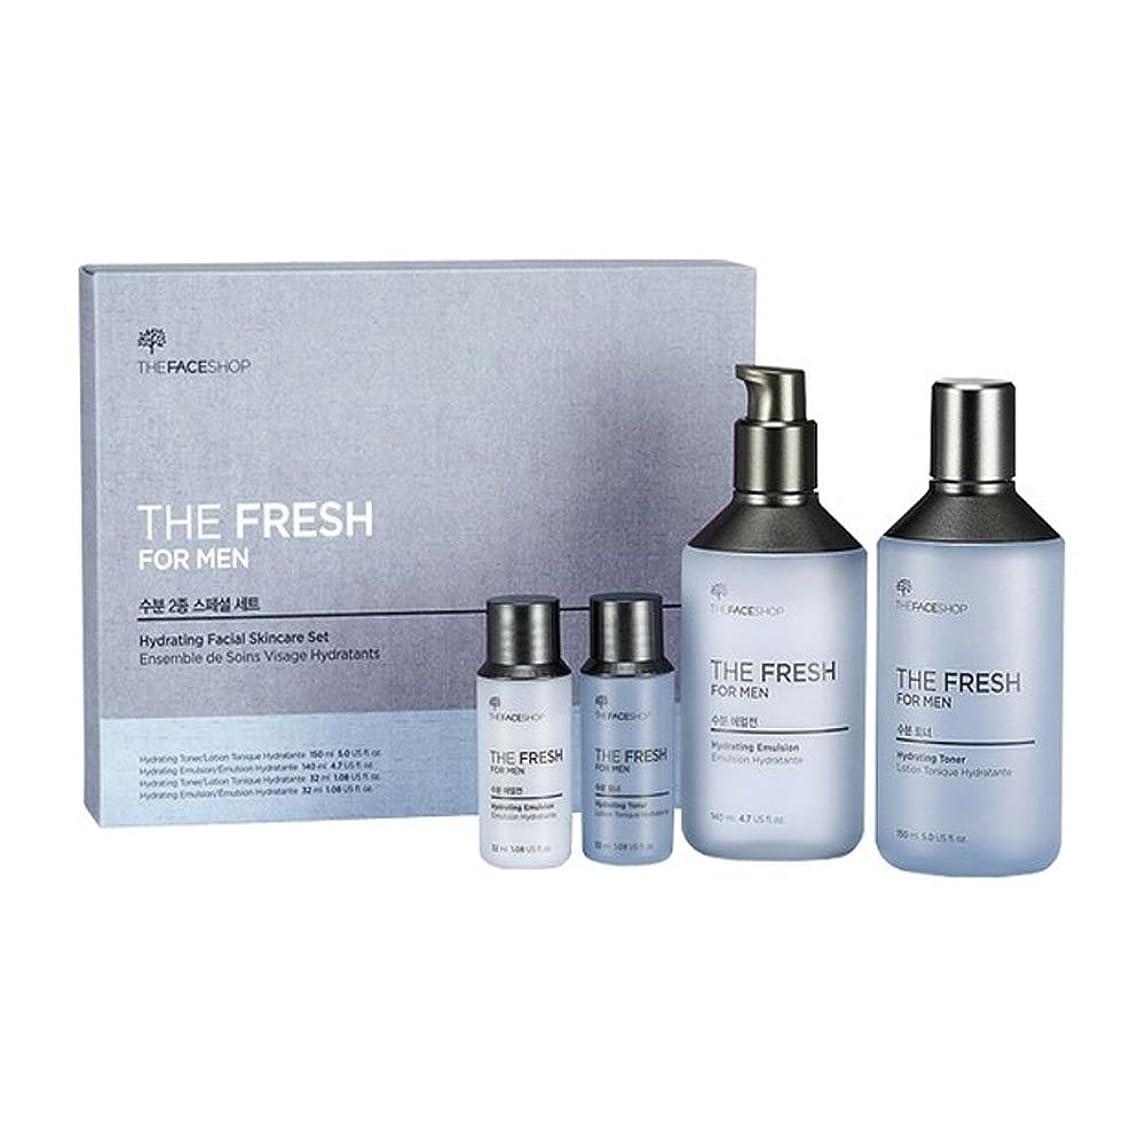 チョコレート規範レンディションザ?フェイスショップ ザ?フレッシュフォーマン?ハイドレーティング?フェイシャルスキンケアセットトナー(150+32ml)エマルジョン(140+32ml)メンズコスメ、The Face Shop The Fresh For Man Hydrating Facial Skincare Set Toner(150+32ml) Emulsion(140+32ml) Men's Cosmetis [並行輸入品]